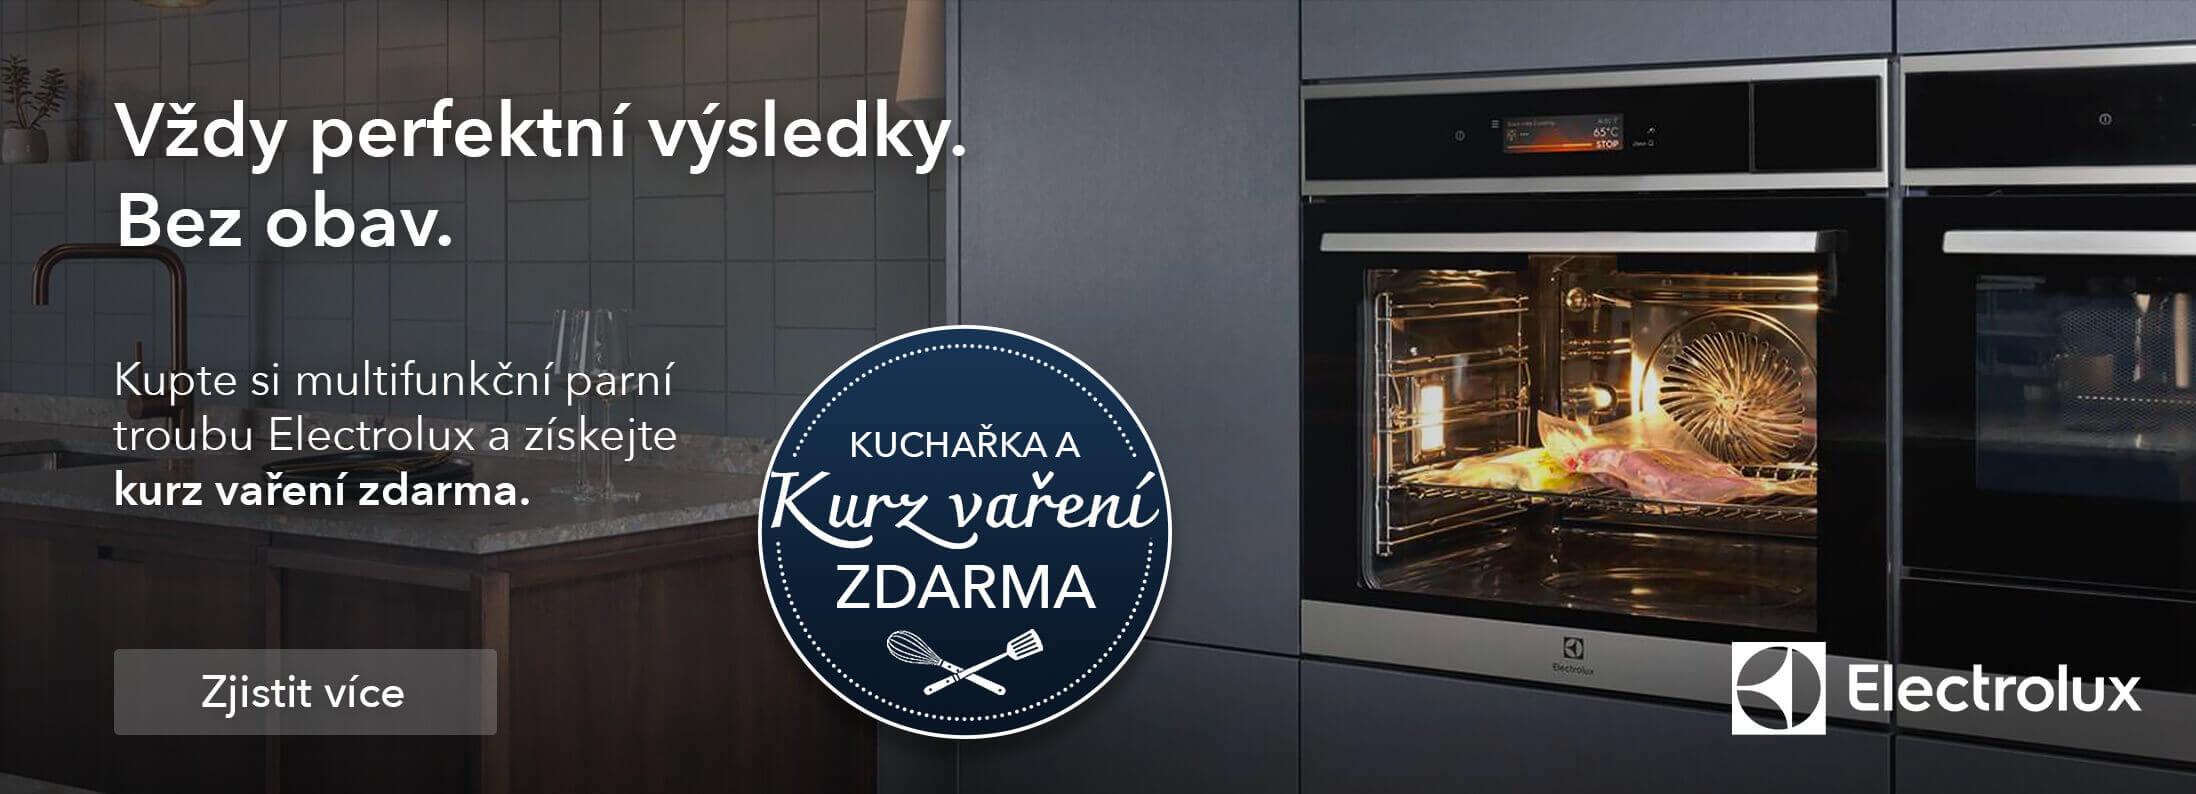 Electrolux - Kurzy vaření